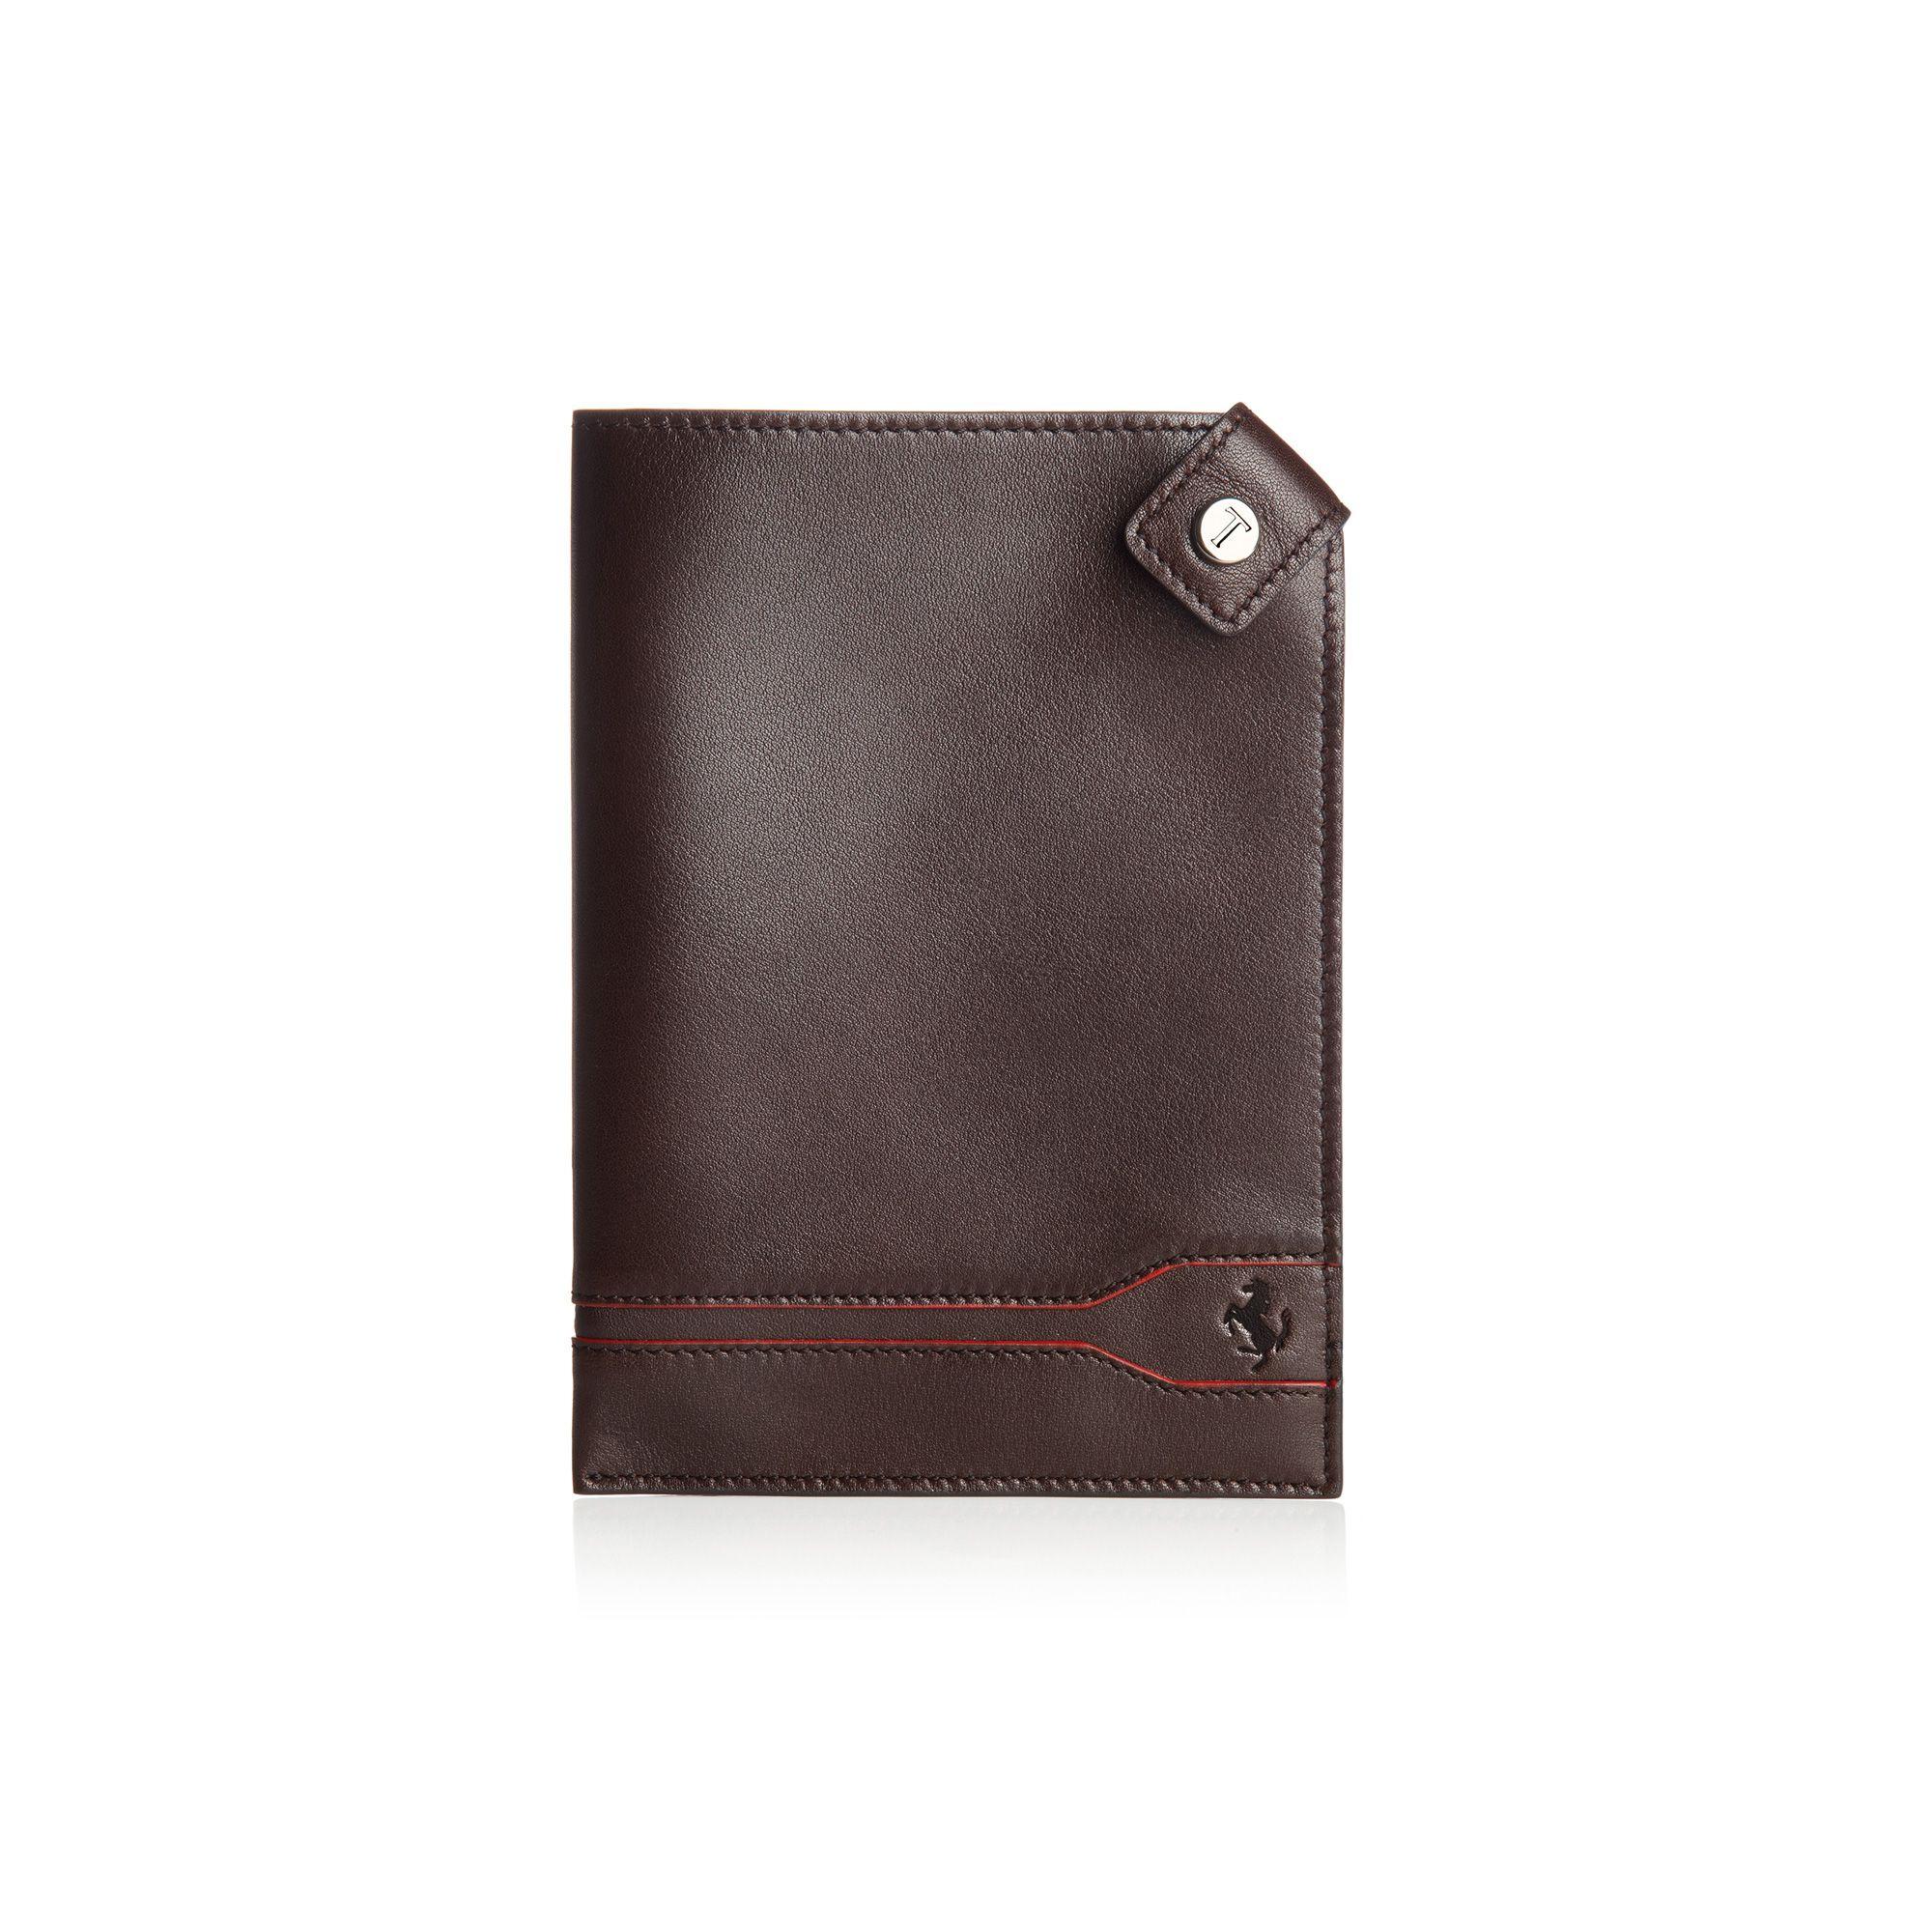 TOD'S FOR FERRARI | Line Design passport holder. Visit store.ferrari.com  #ferraristore #passport #holder #tods